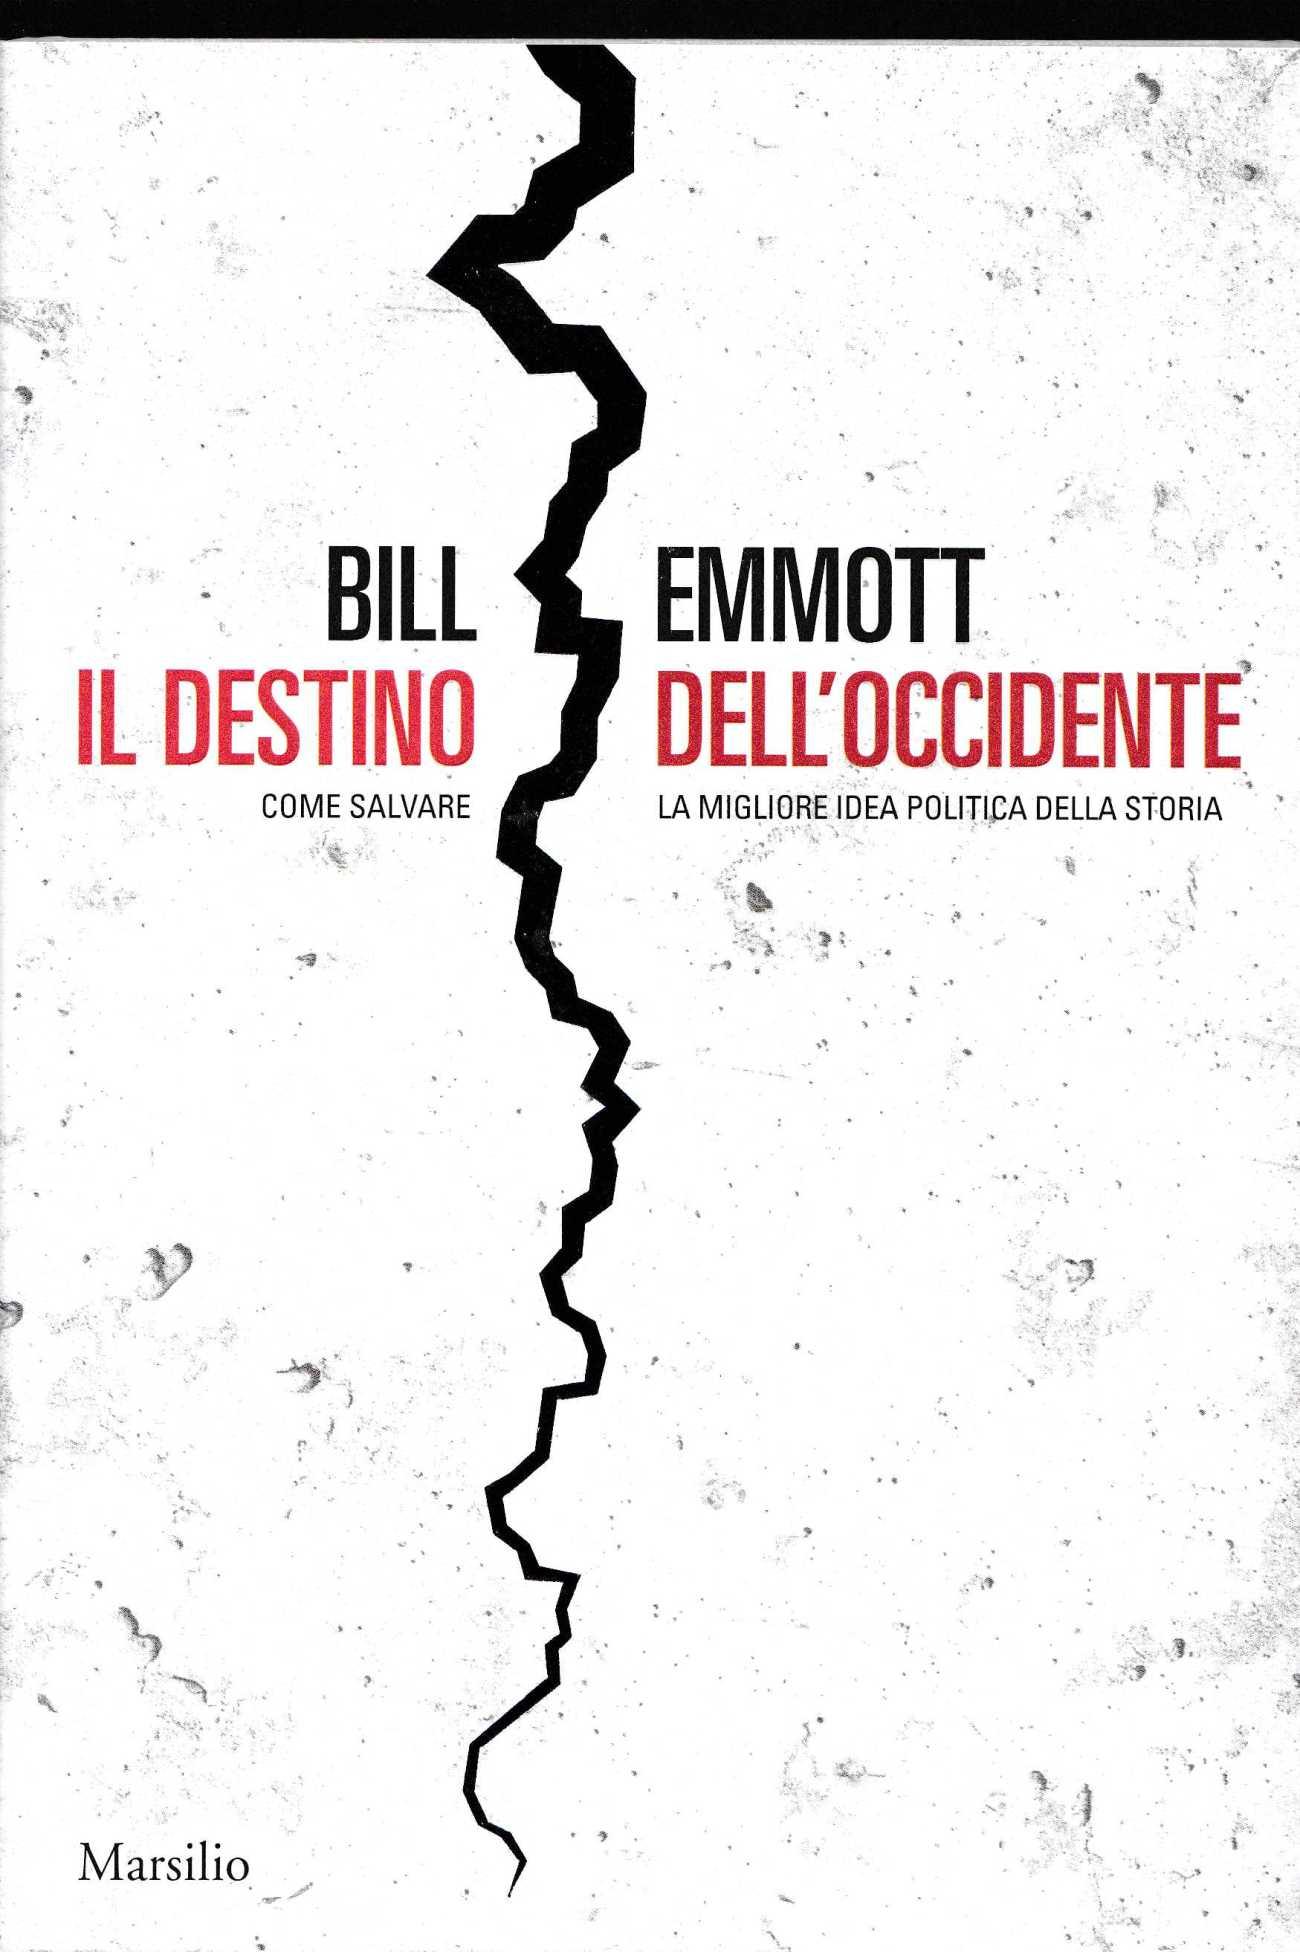 EMMOTT DESTINO OCCIDENTE2170